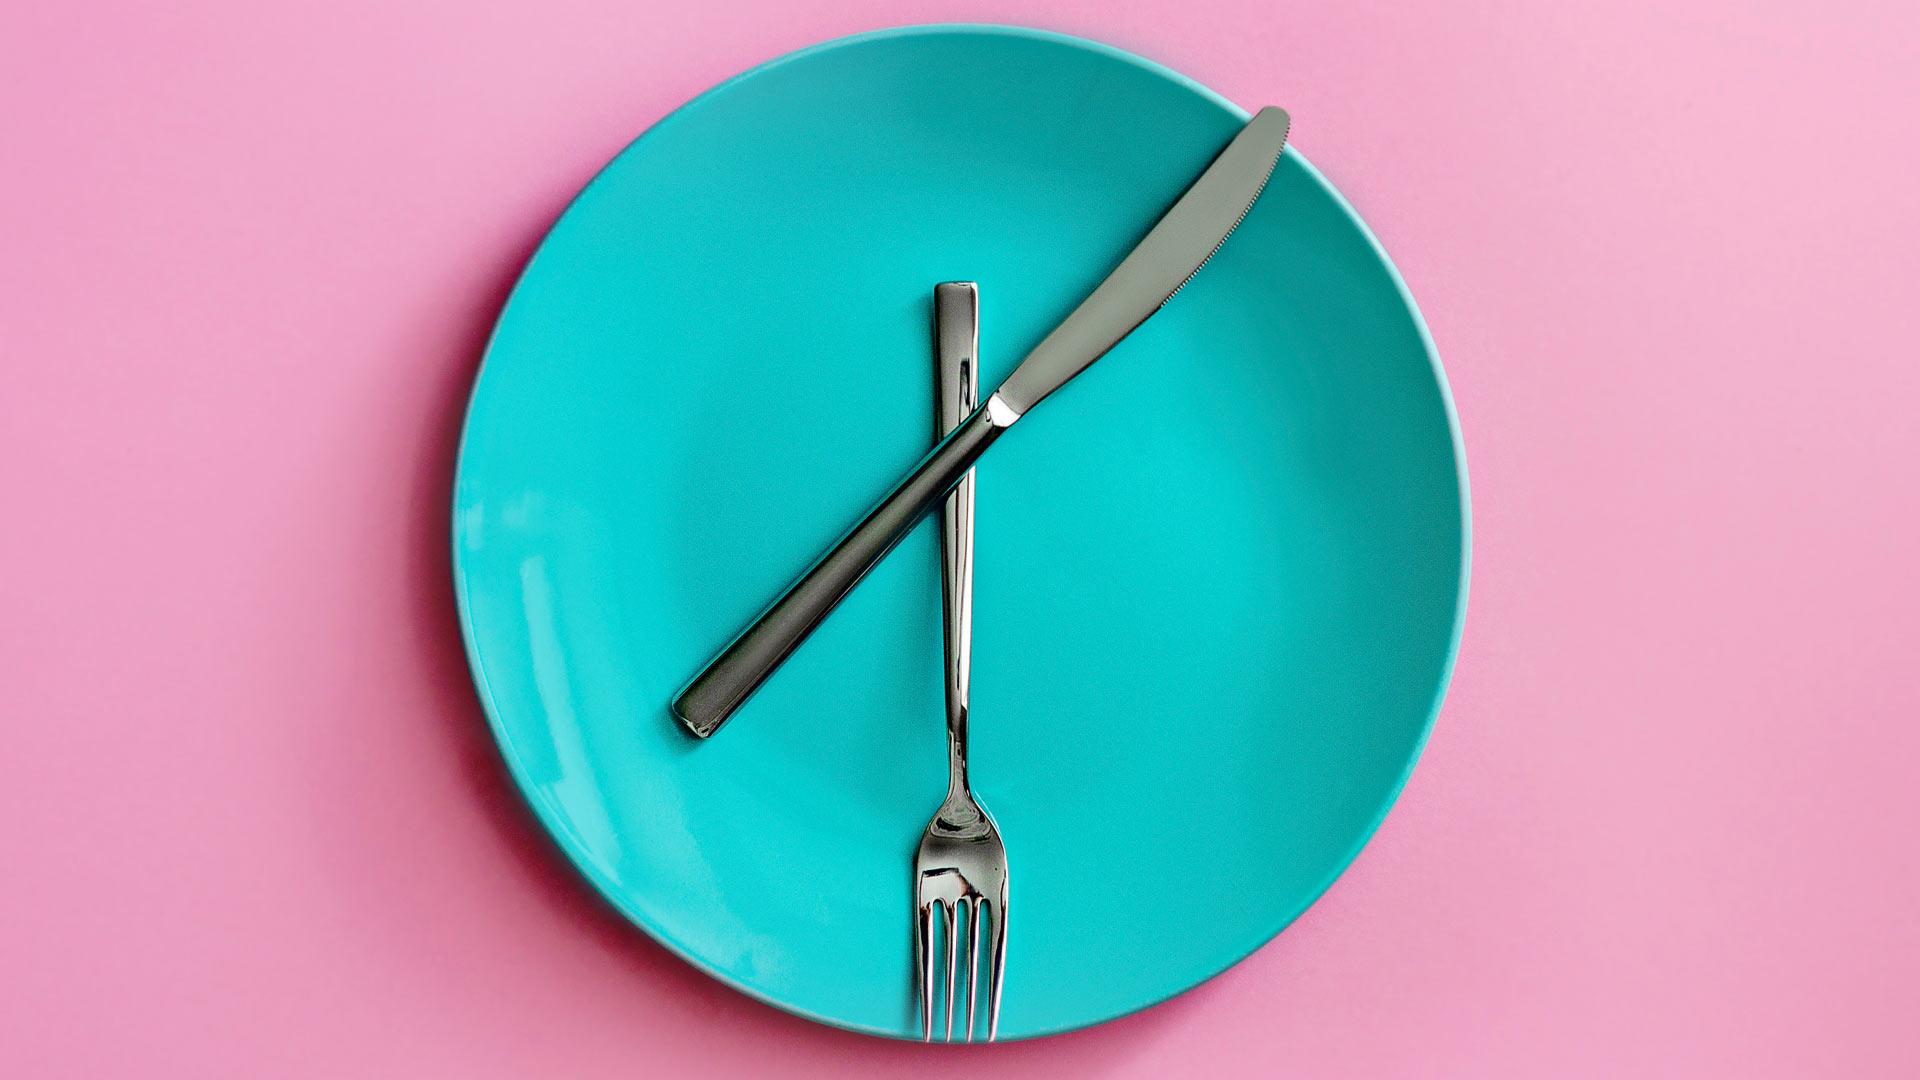 Suuret annoskoot lisäävät riskiä ruoansulatusvaivoille.